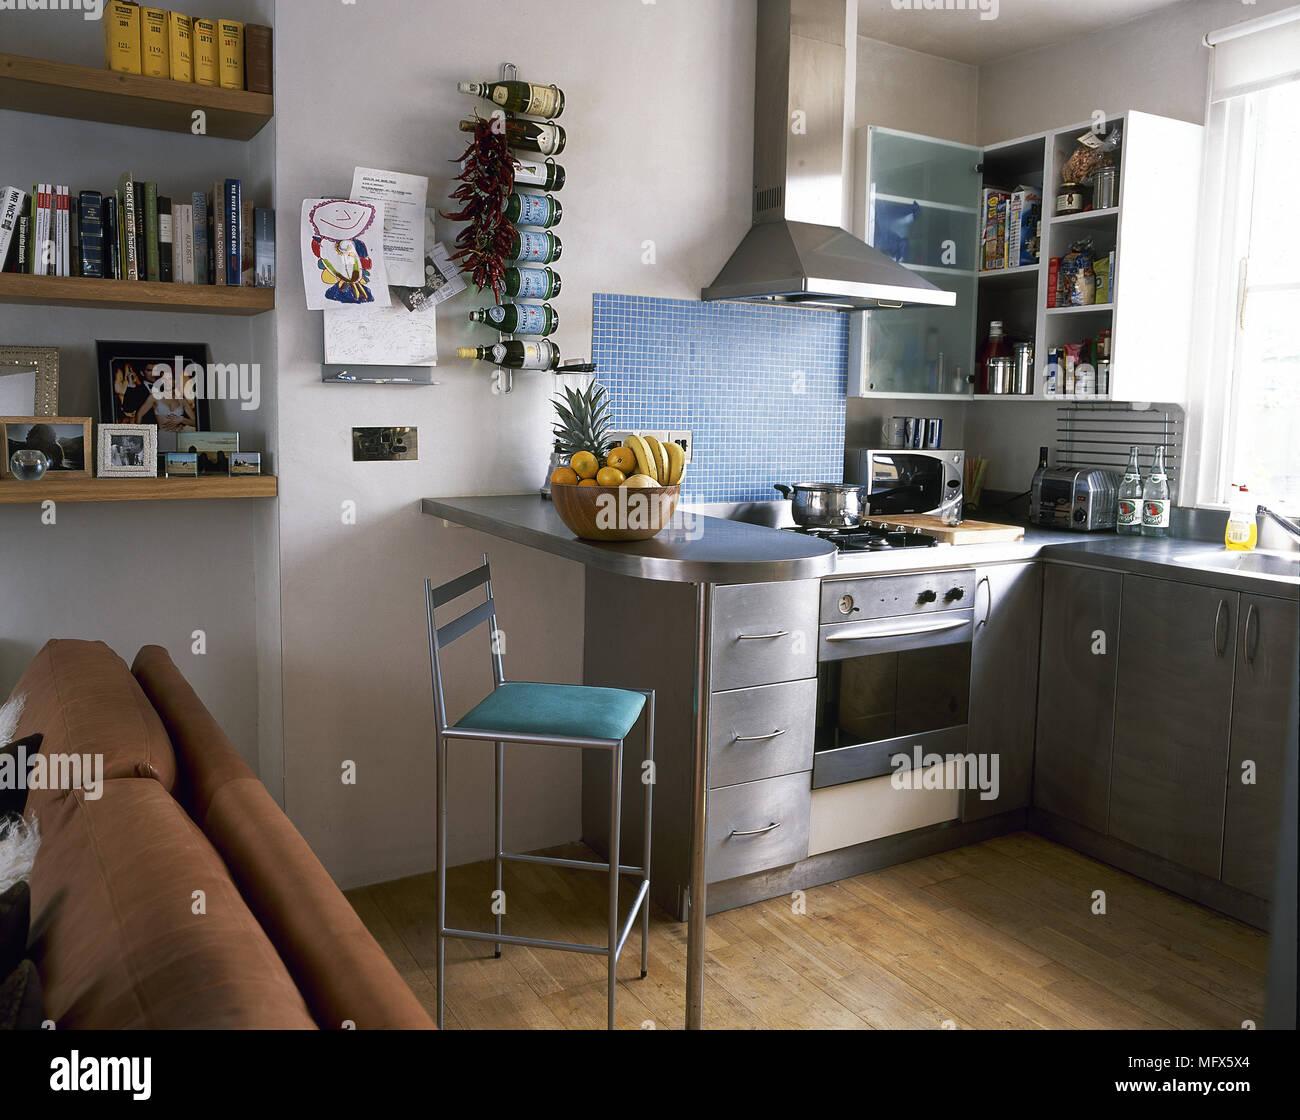 Tolle Designer Küche Aufkantung Bilder Bilder - Ideen Für Die Küche ...